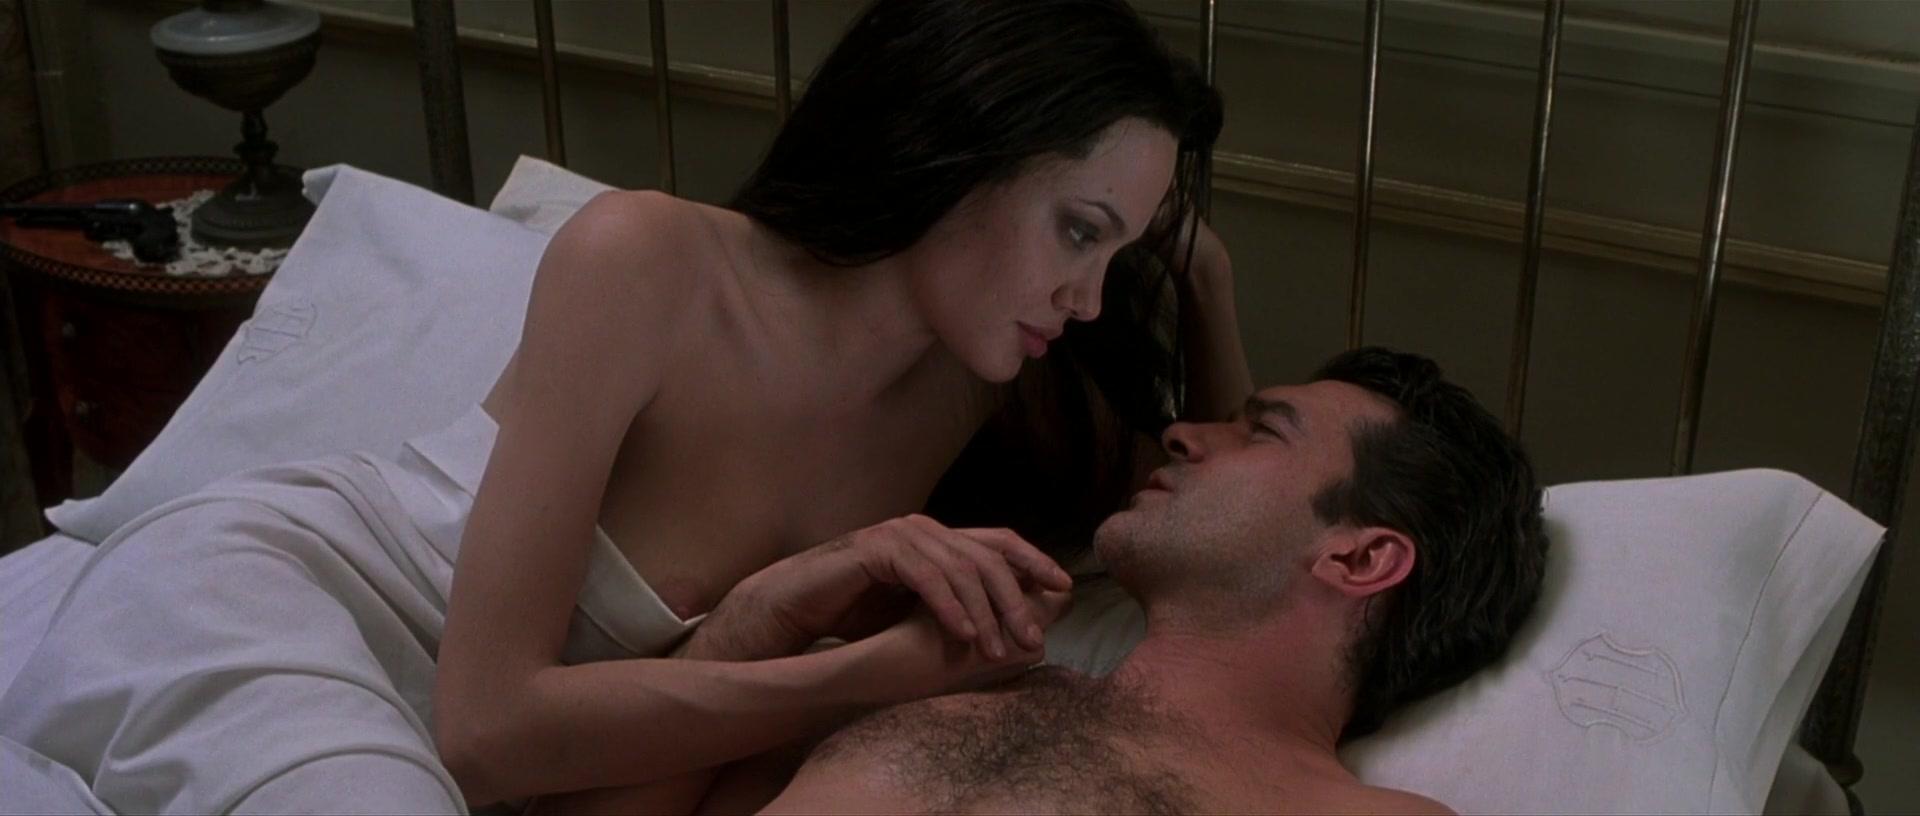 Angelina Jolie Sin Sex Scene watch online - angelina jolie – original sin (2001) hd 1080p